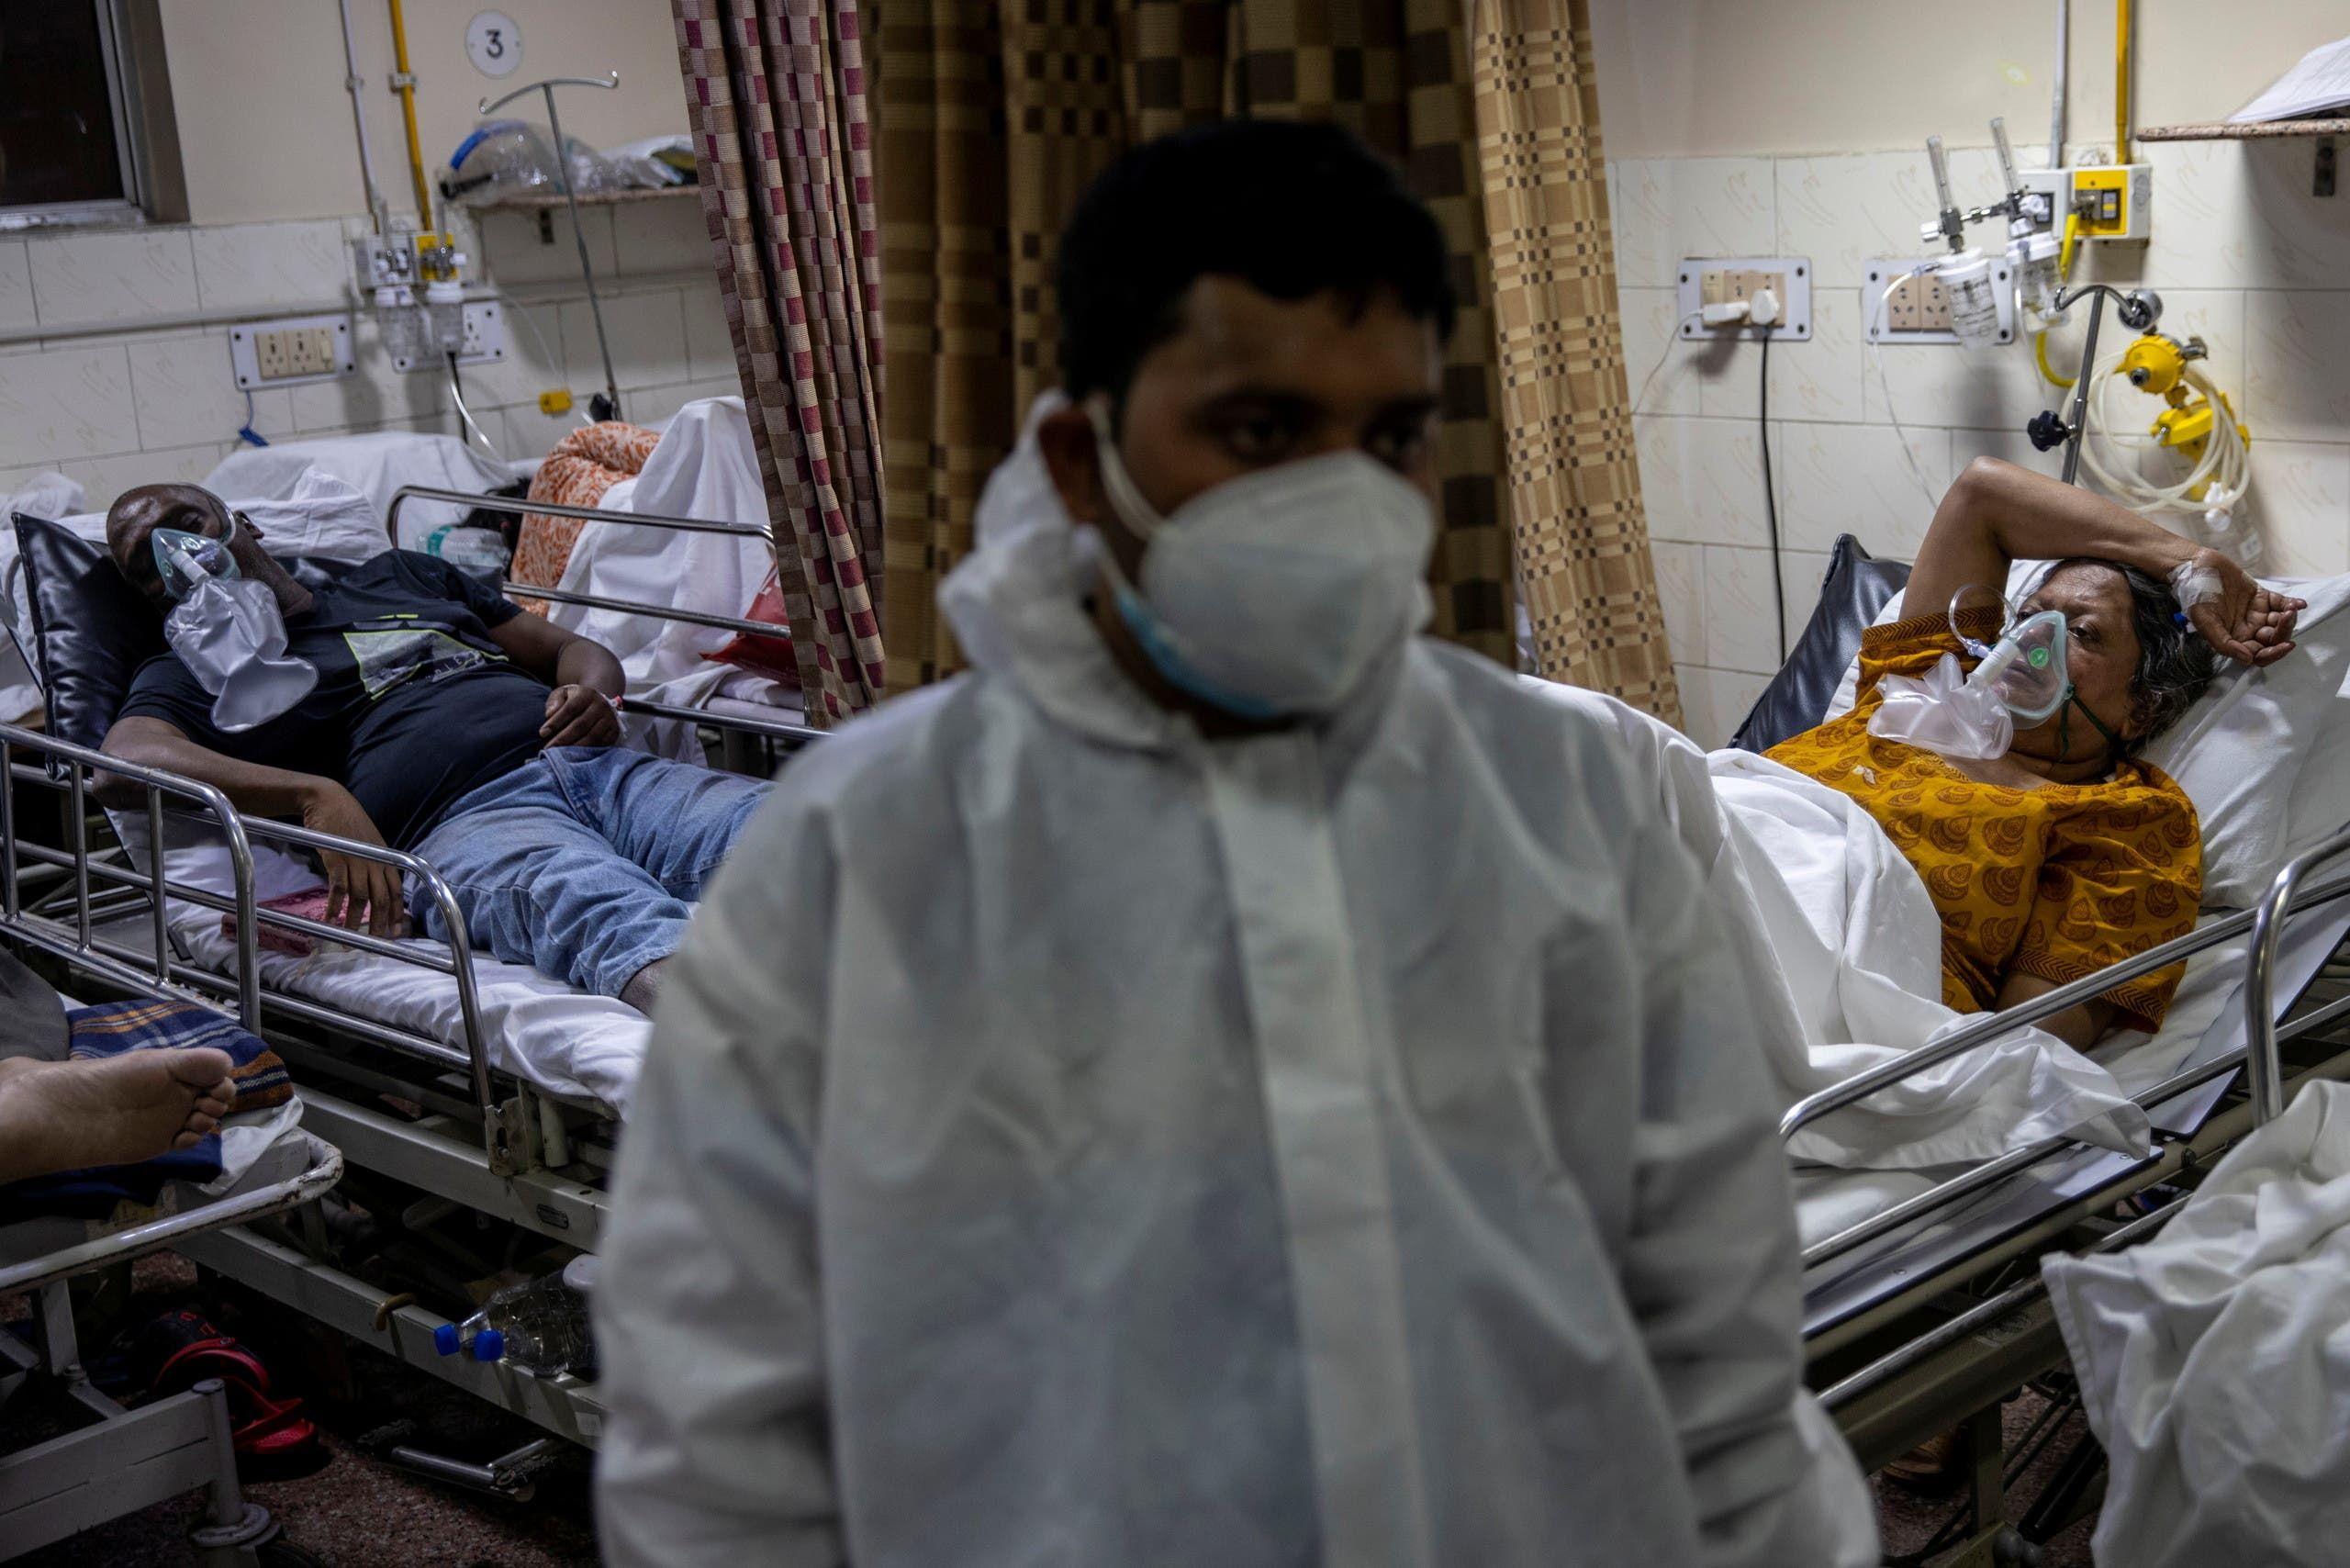 مستشفى في نيودلهي مكتظ بالمصابين بكورونا